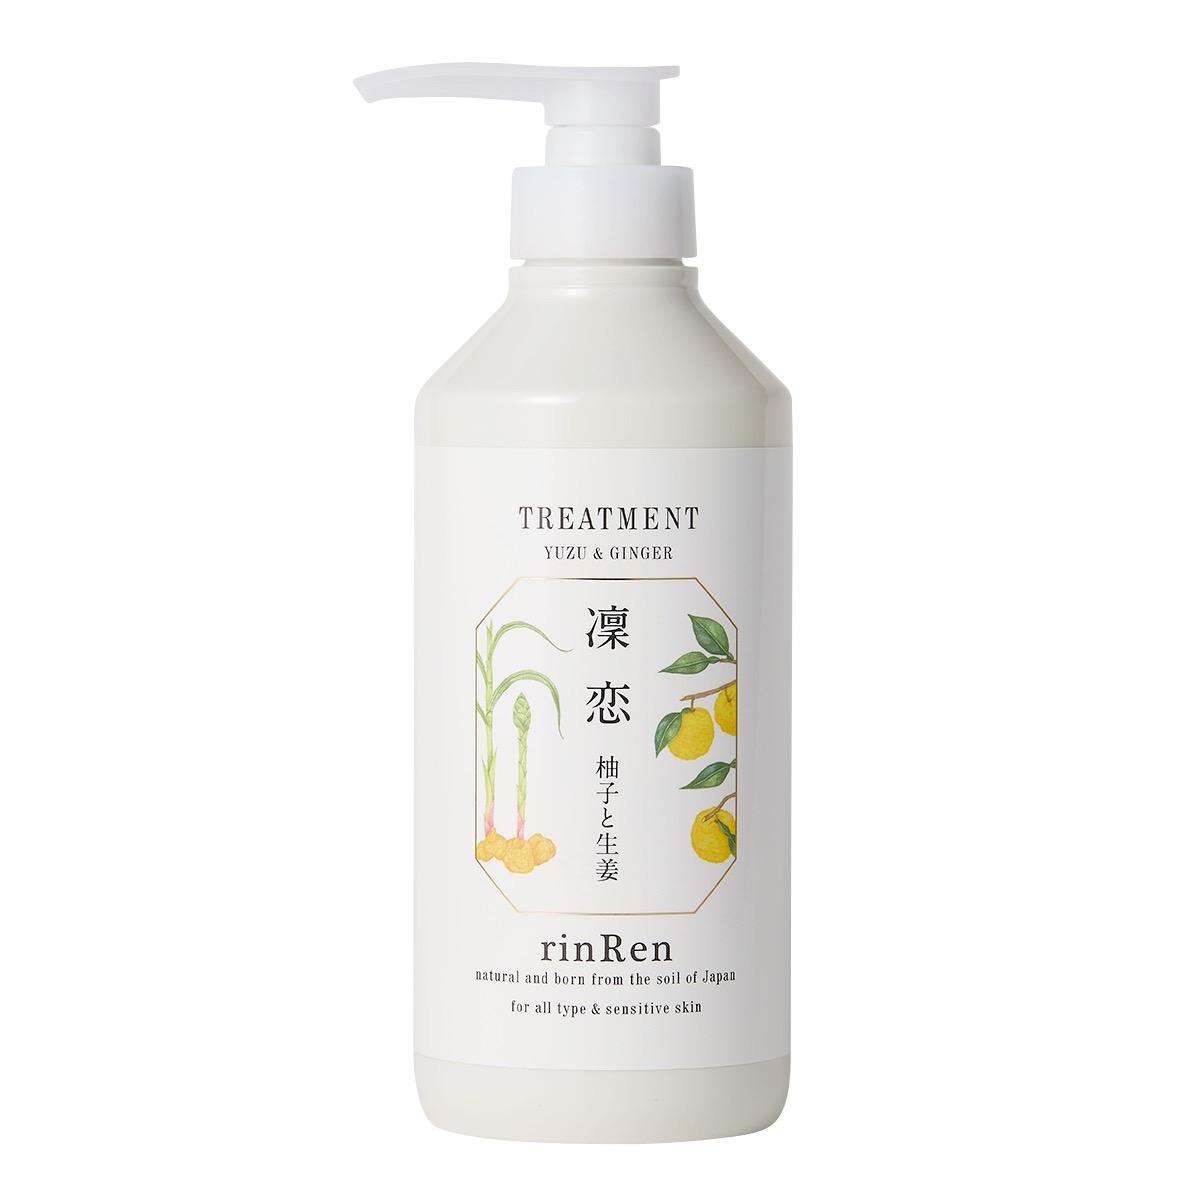 爽やかなユズの香り!国産植物由来成分でハリコシある髪に導く無添加トリートメントに関する画像1